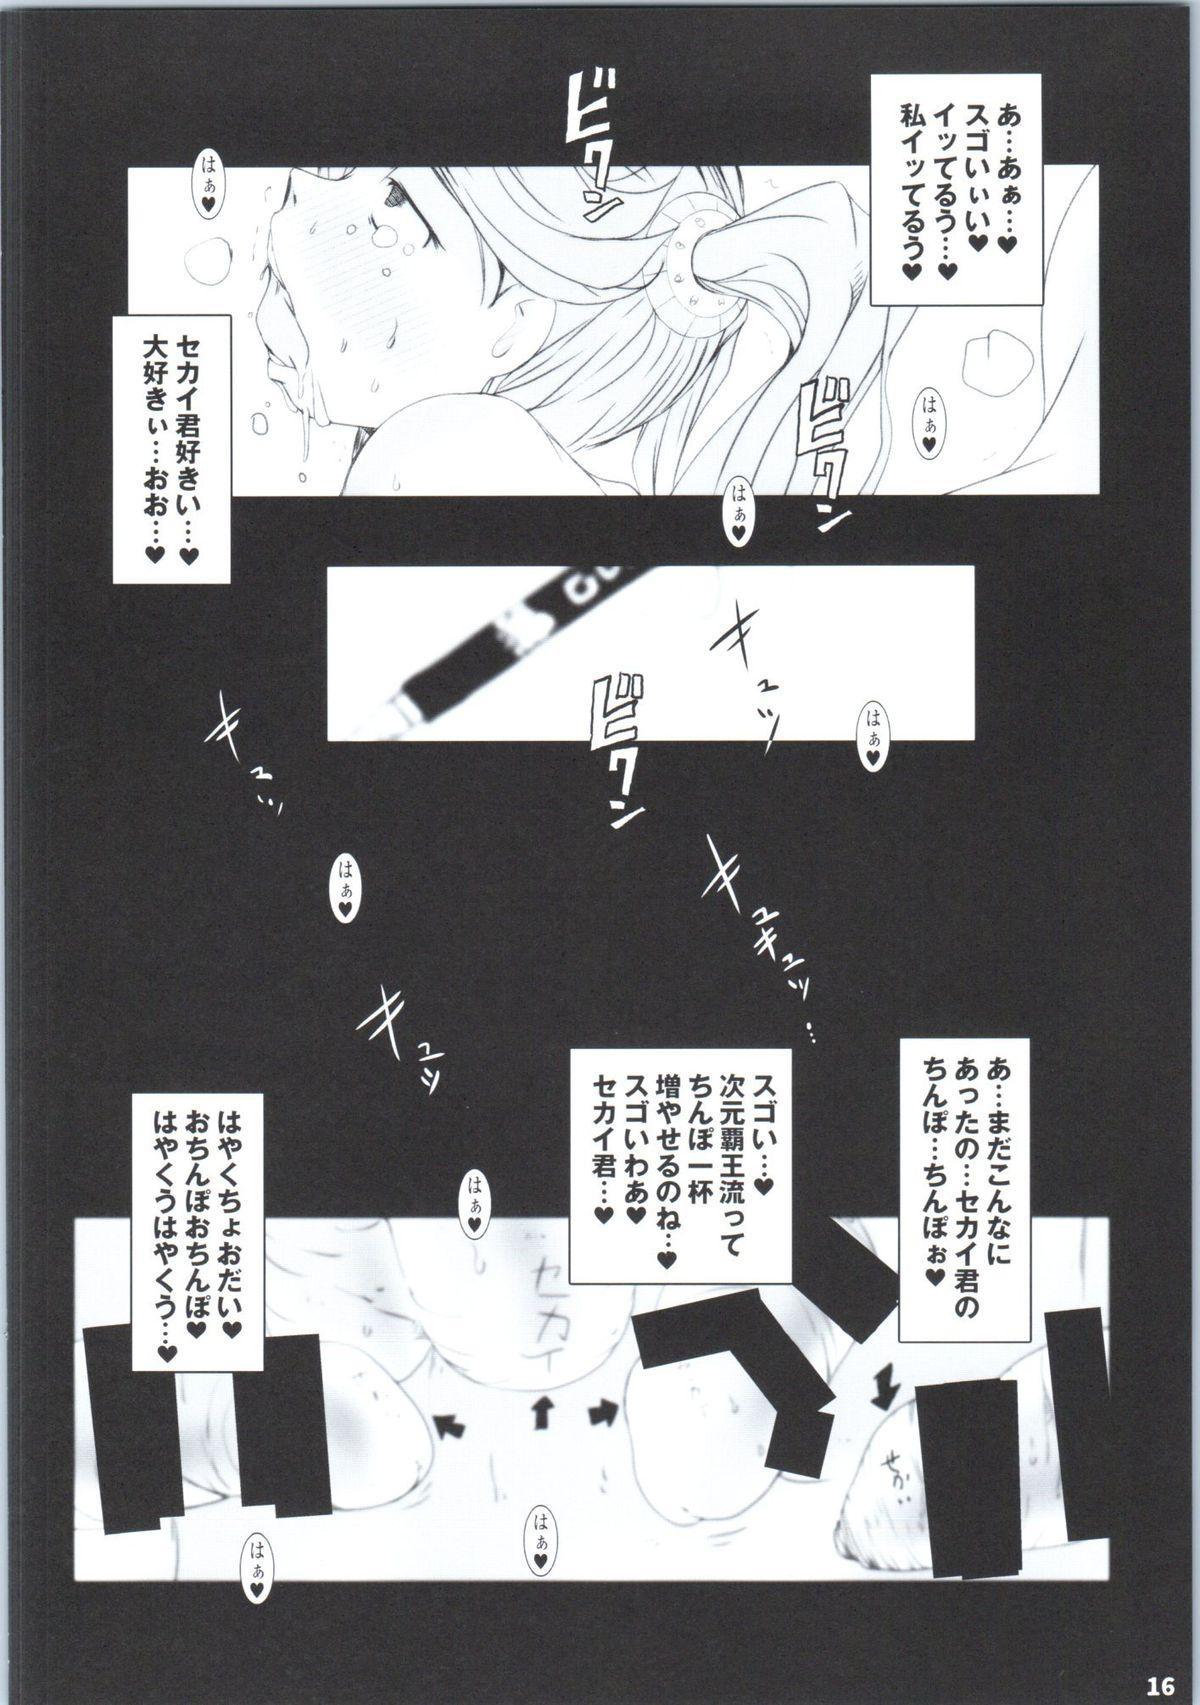 Saiin Gyanko Nakadashi Sakunyuu Try 14